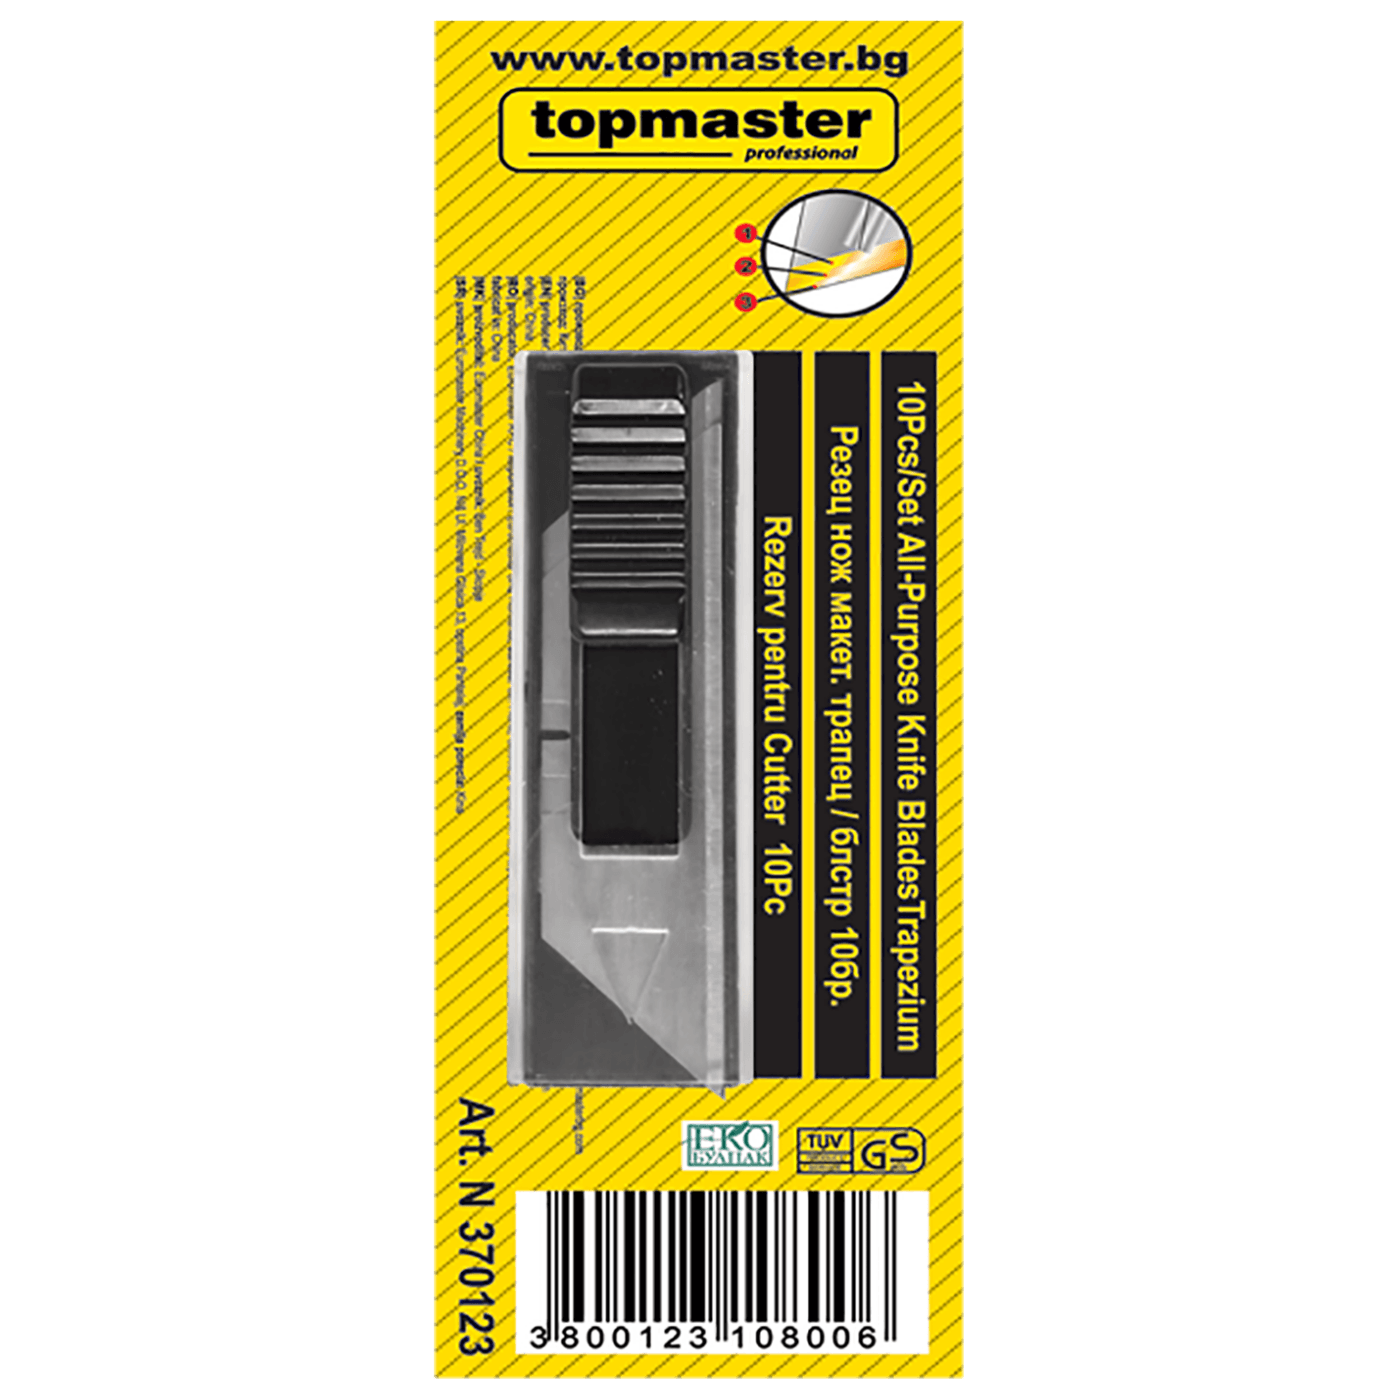 Topmaster - 370123